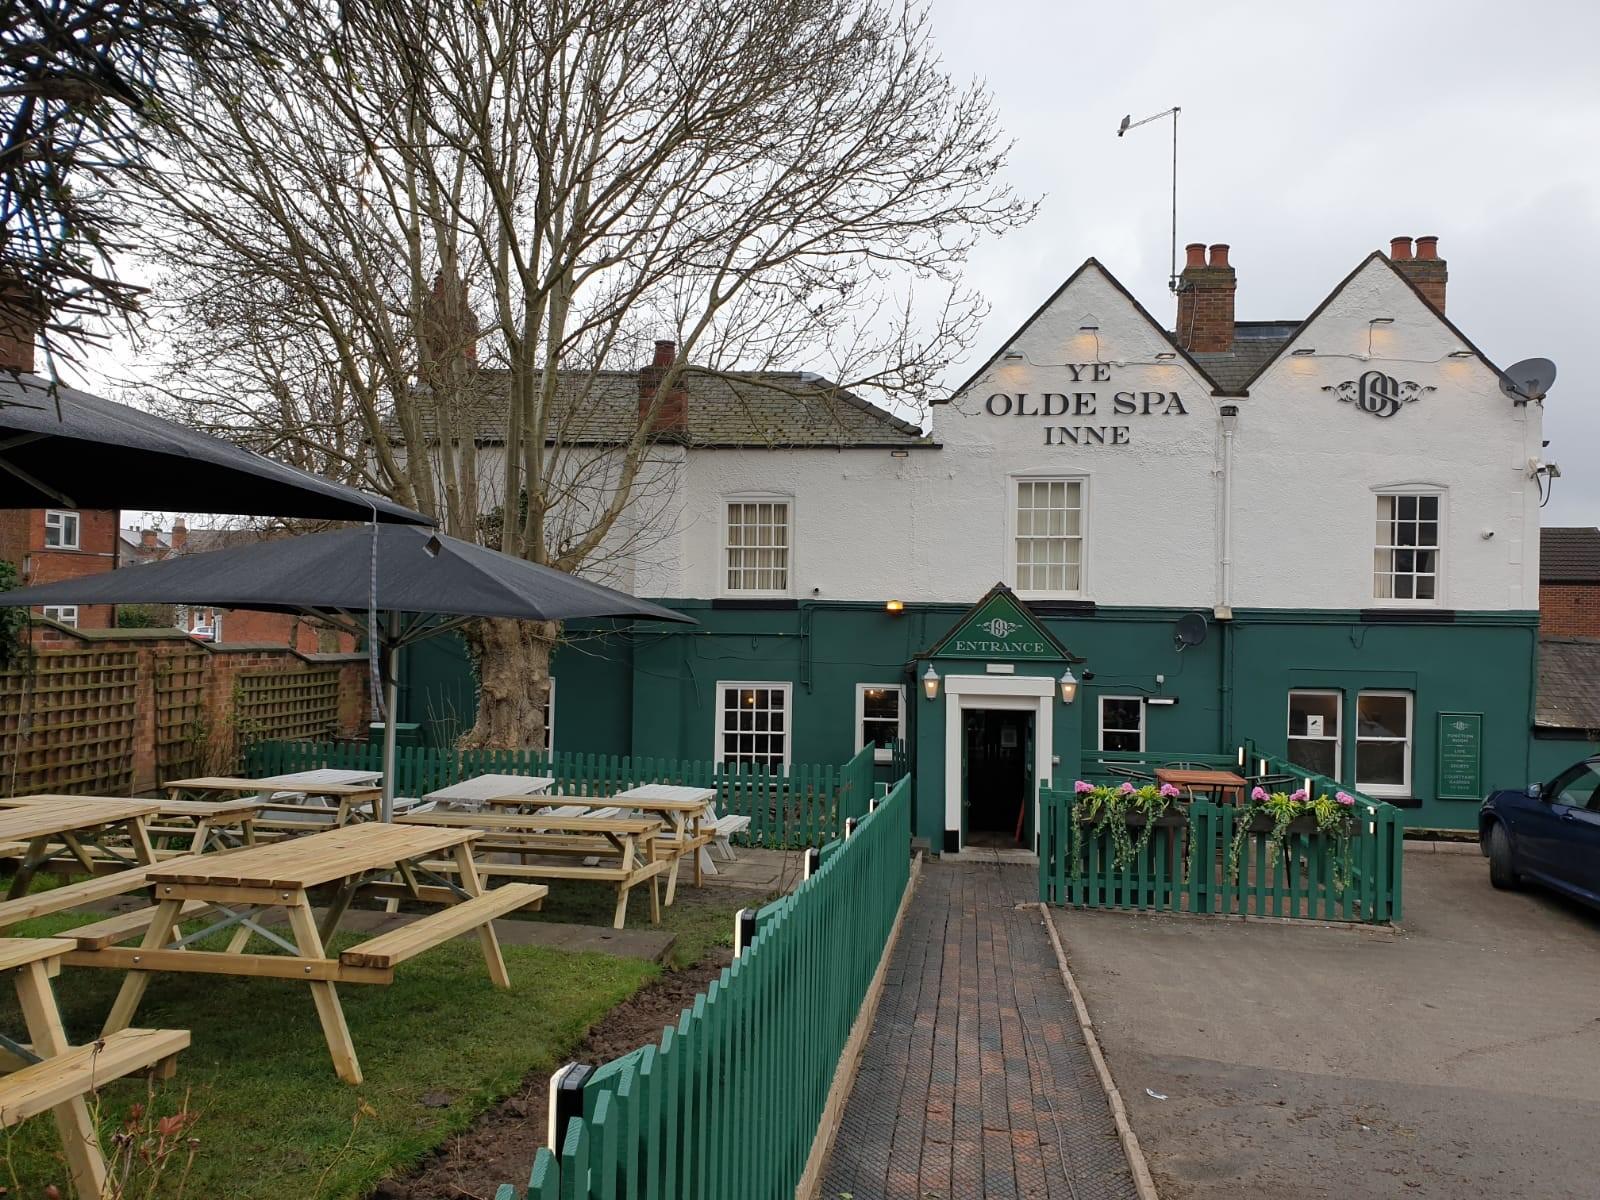 Ye Olde Spa Inn - 1a